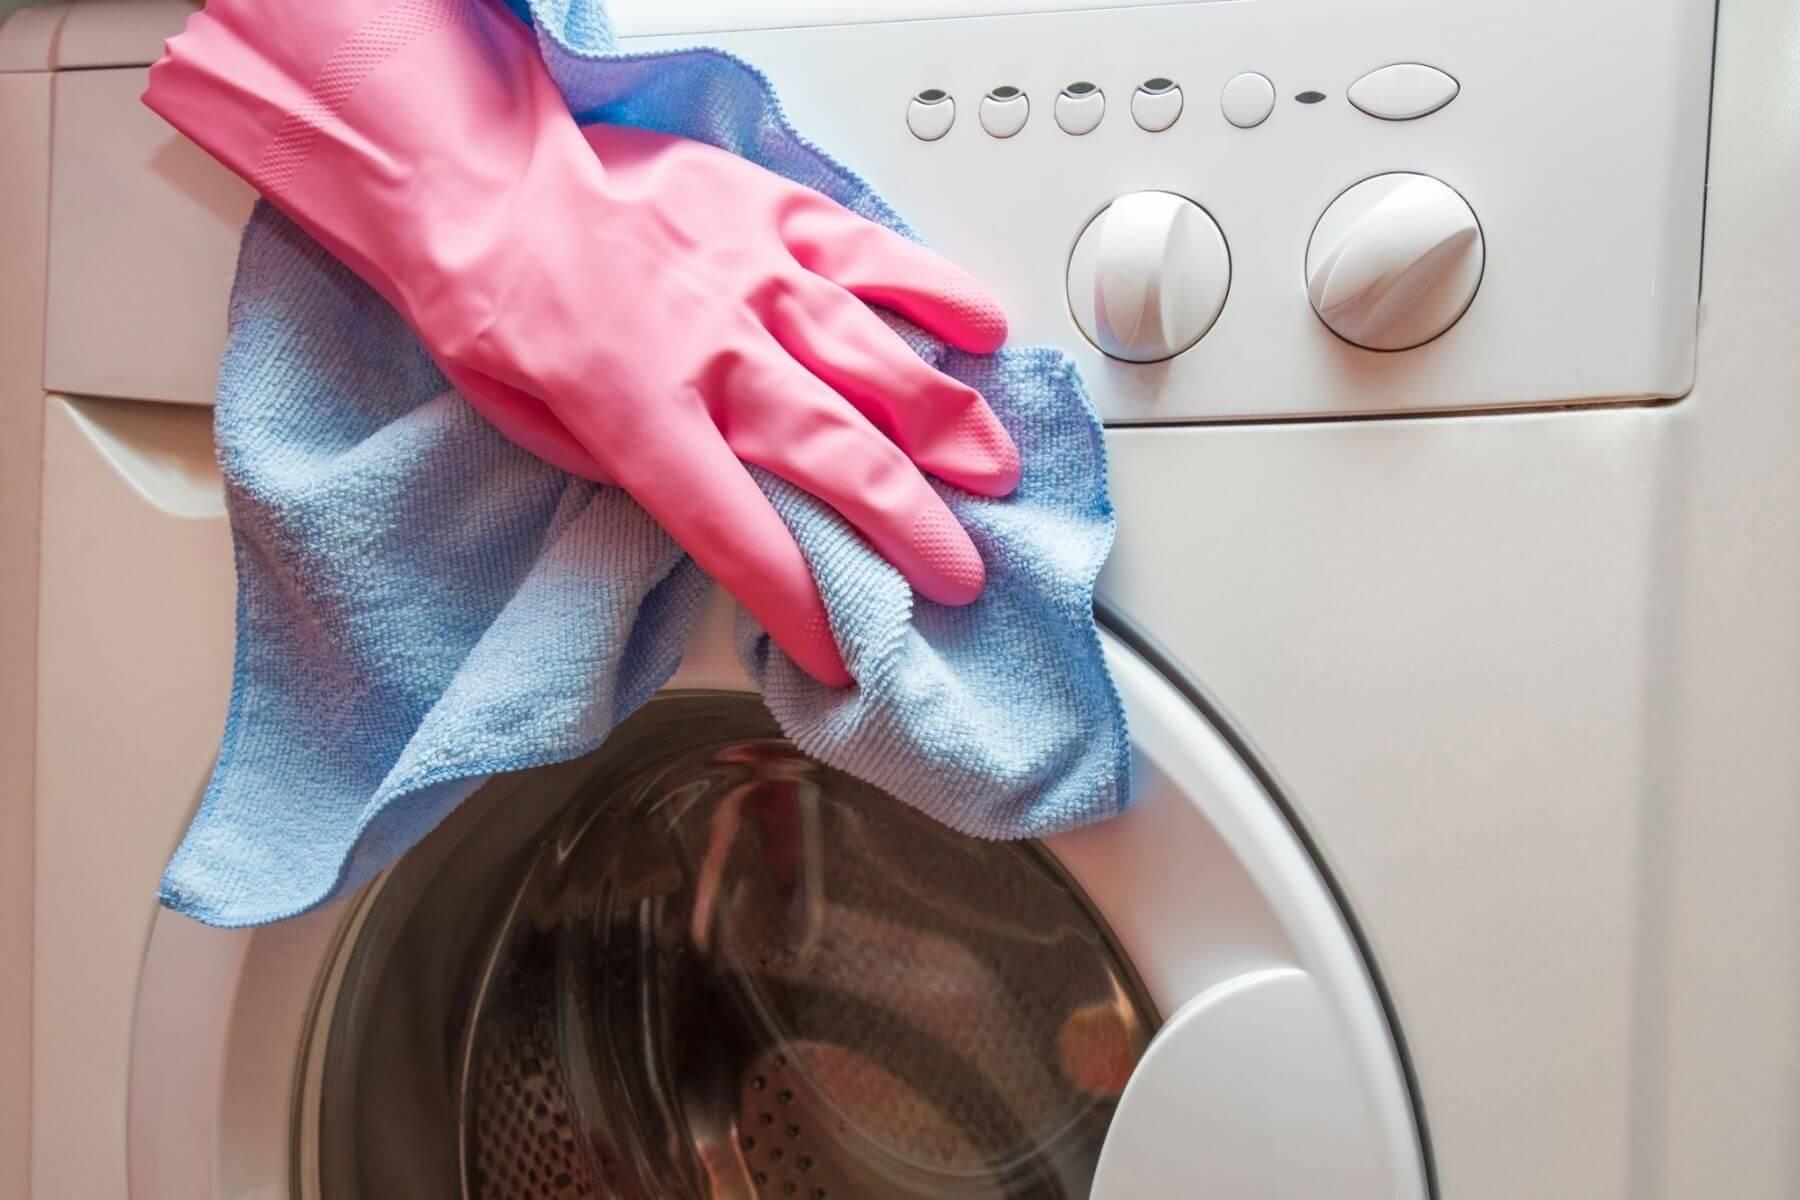 ทำความสะอาดบ้าน ป้องกัน COVID-19 สวิตช์เครื่องใช้ไฟฟ้า